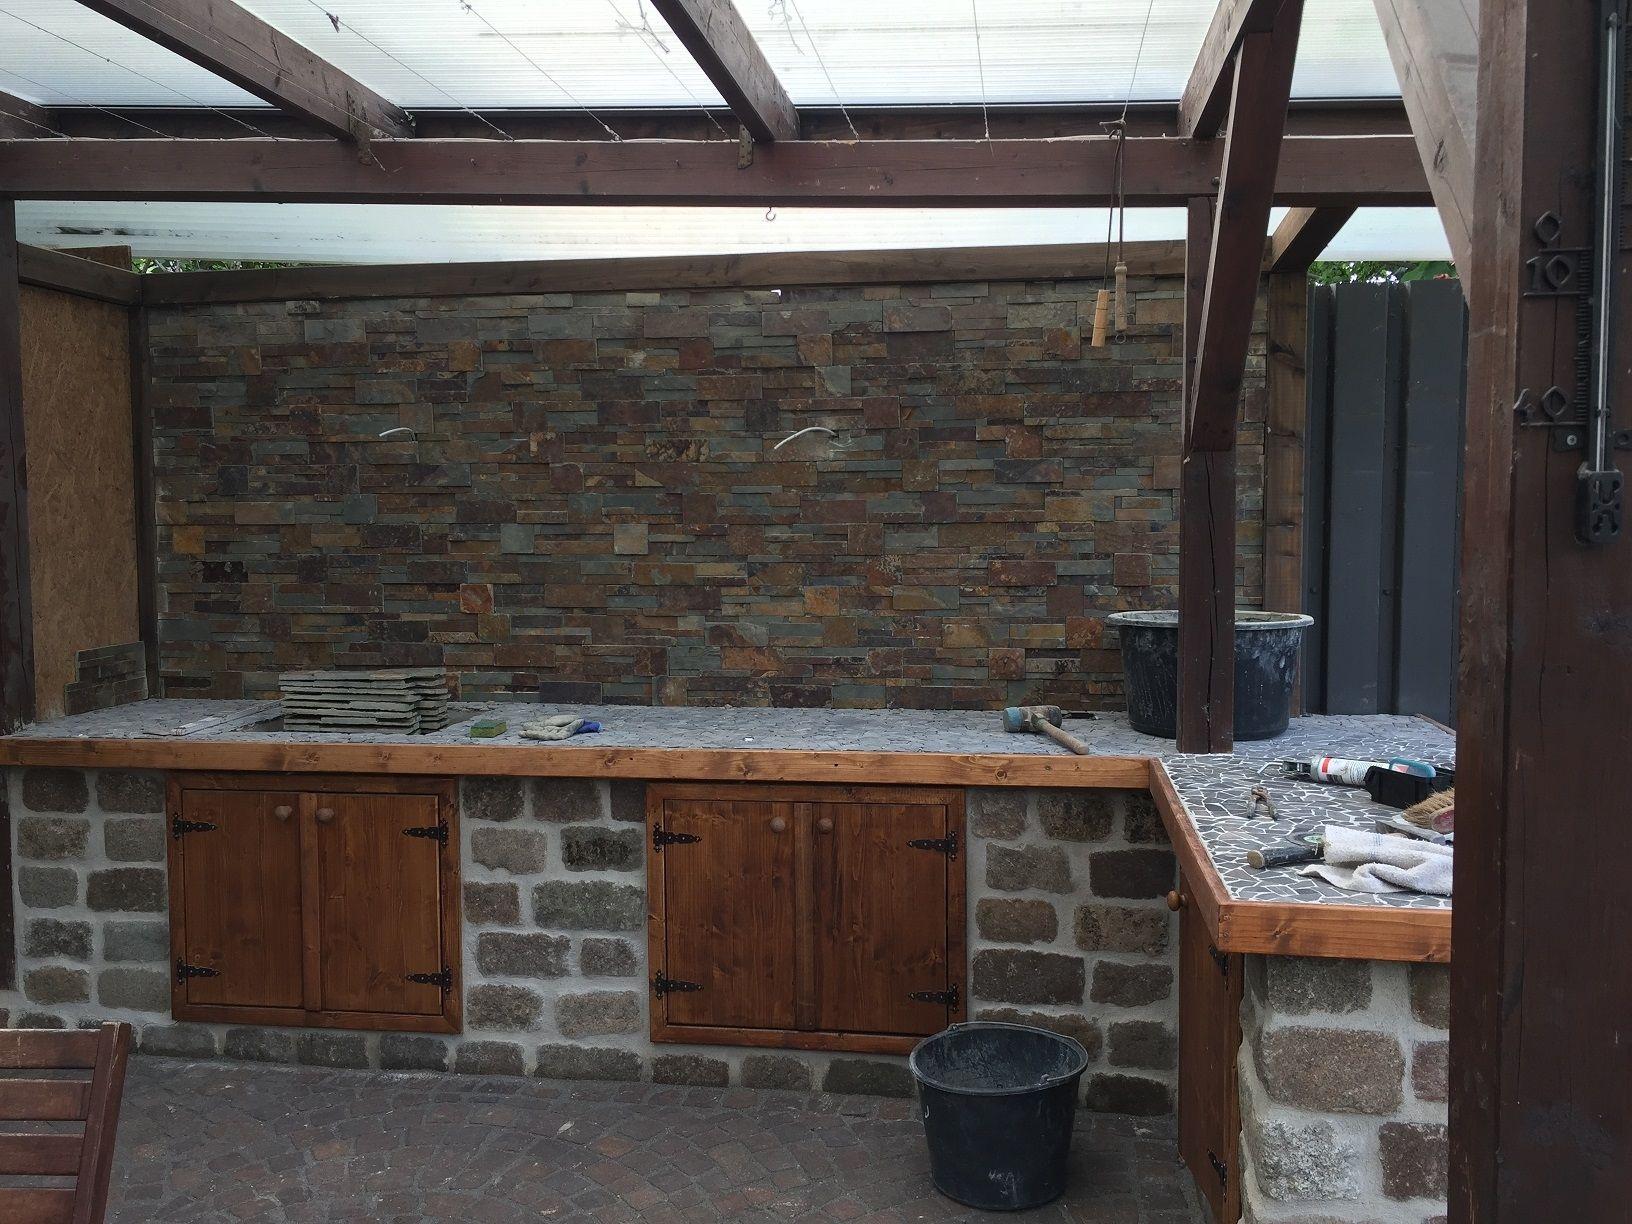 Aussenküche & Terrasse Bauanleitung zum selber bauen | Garten 1-2-do ...